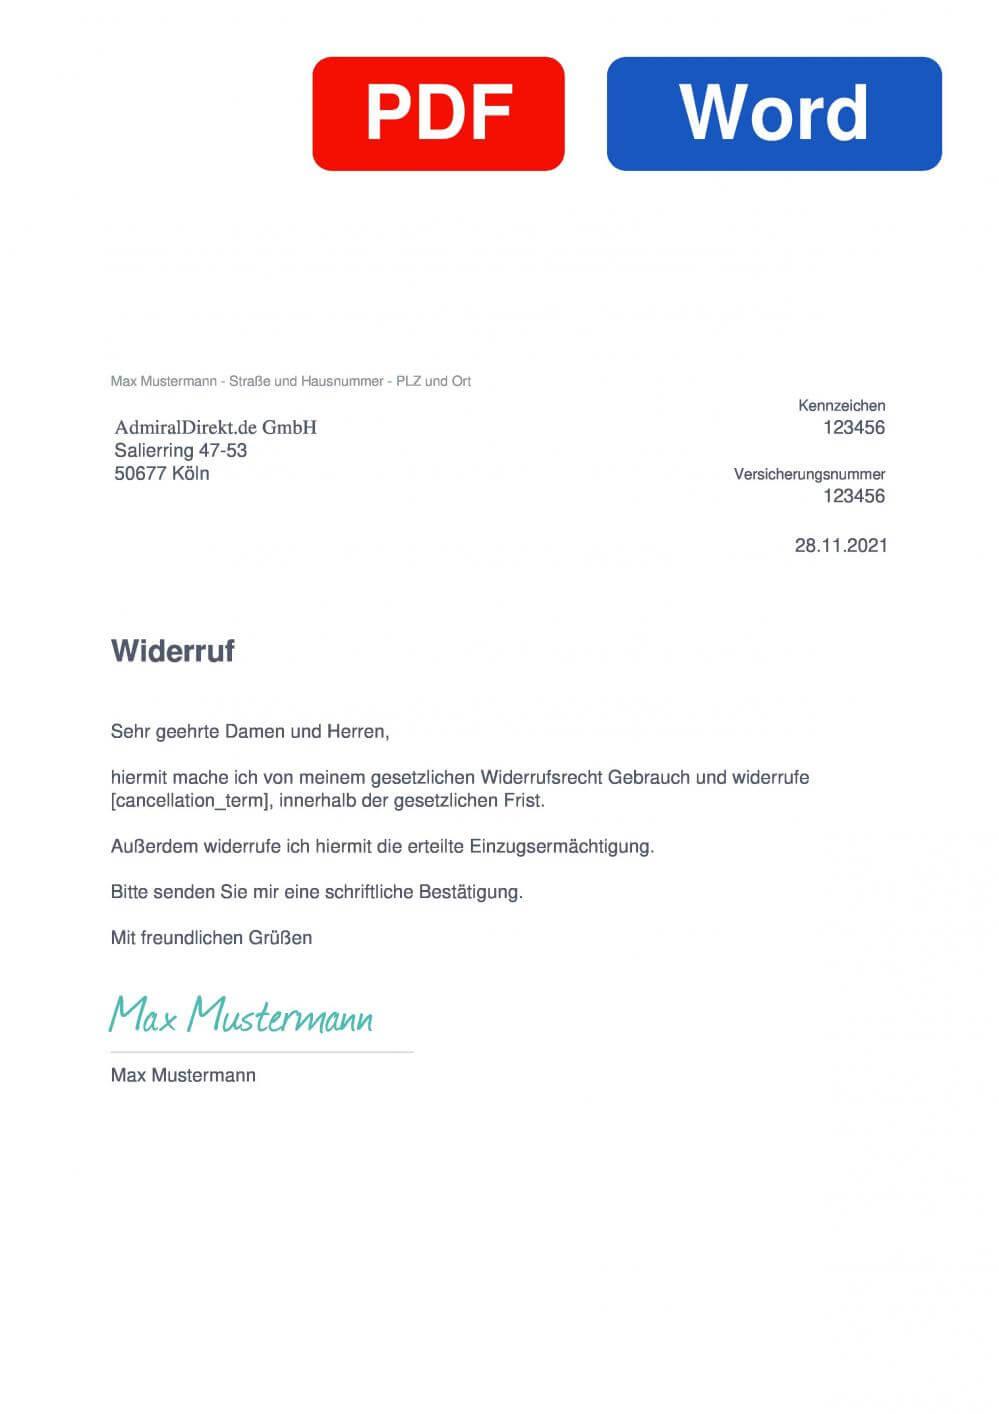 Admiral Direkt KFZ-Versicherung Muster Vorlage für Wiederrufsschreiben